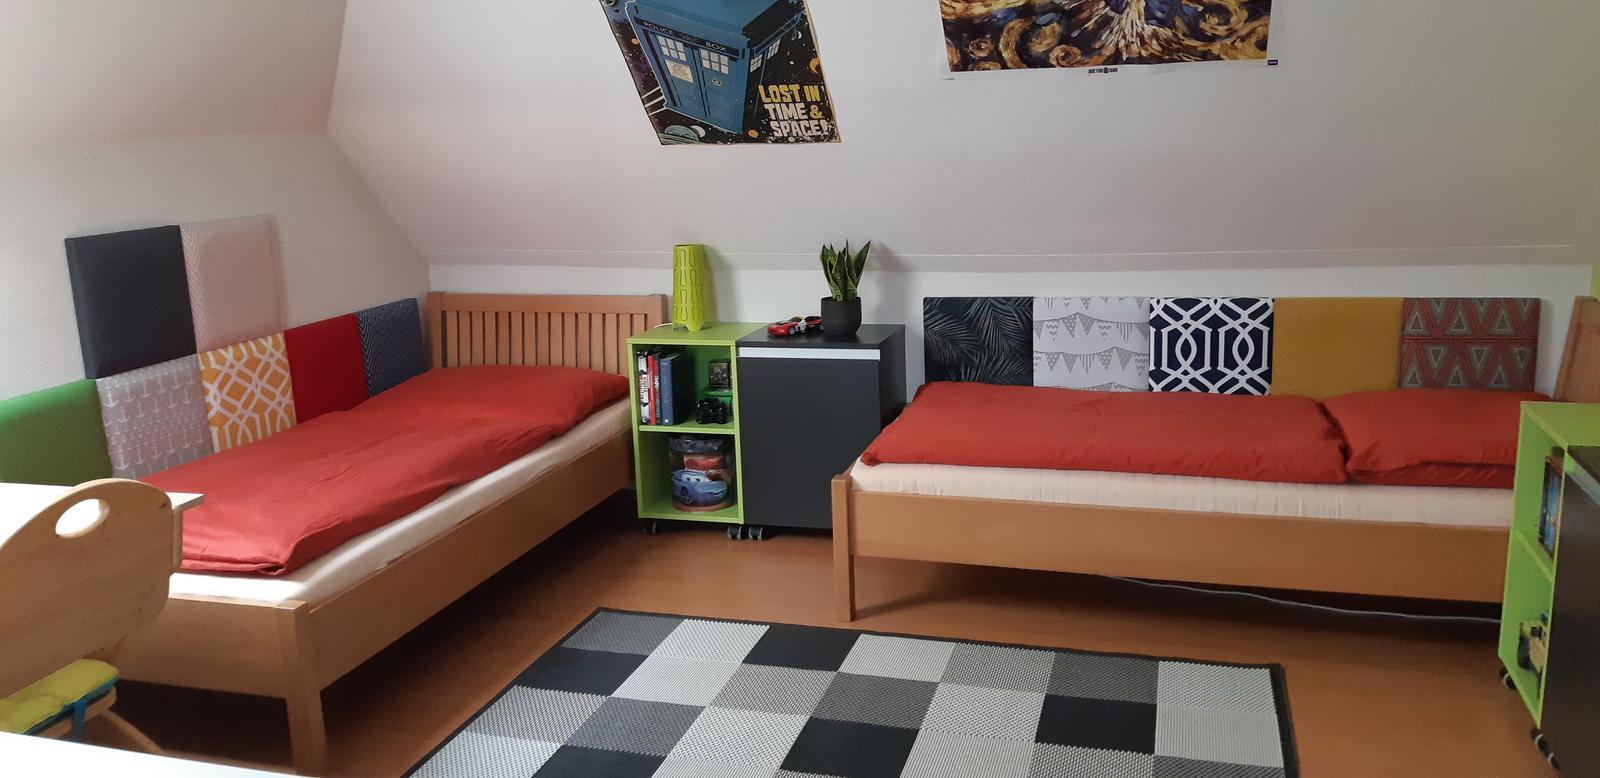 Máme radi odvážne projekty:) Čo poviete na takéto riešenie panelov za chlapčenké postele? - Obrázok č. 3